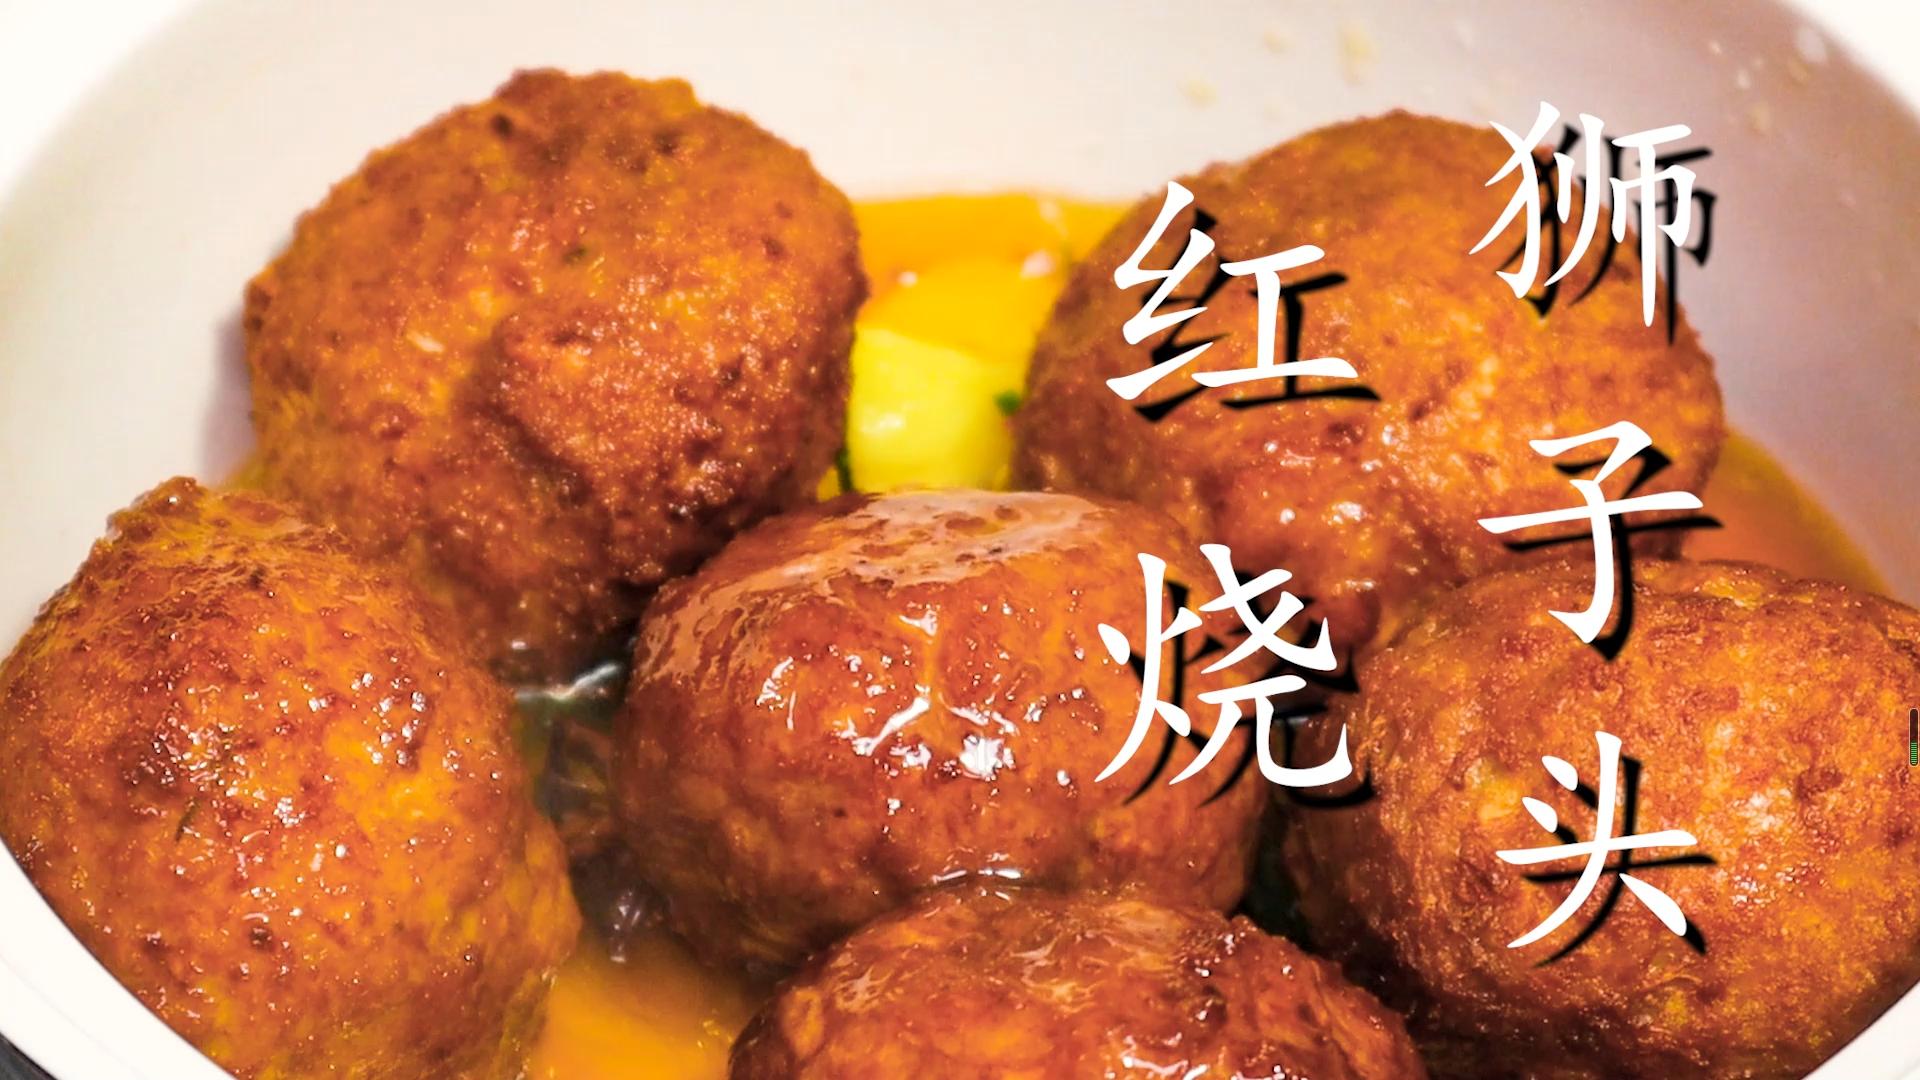 红烧狮子头正确做法,大厨手把手教你,软糯鲜香不肥腻,值得一试 美食做法 第2张